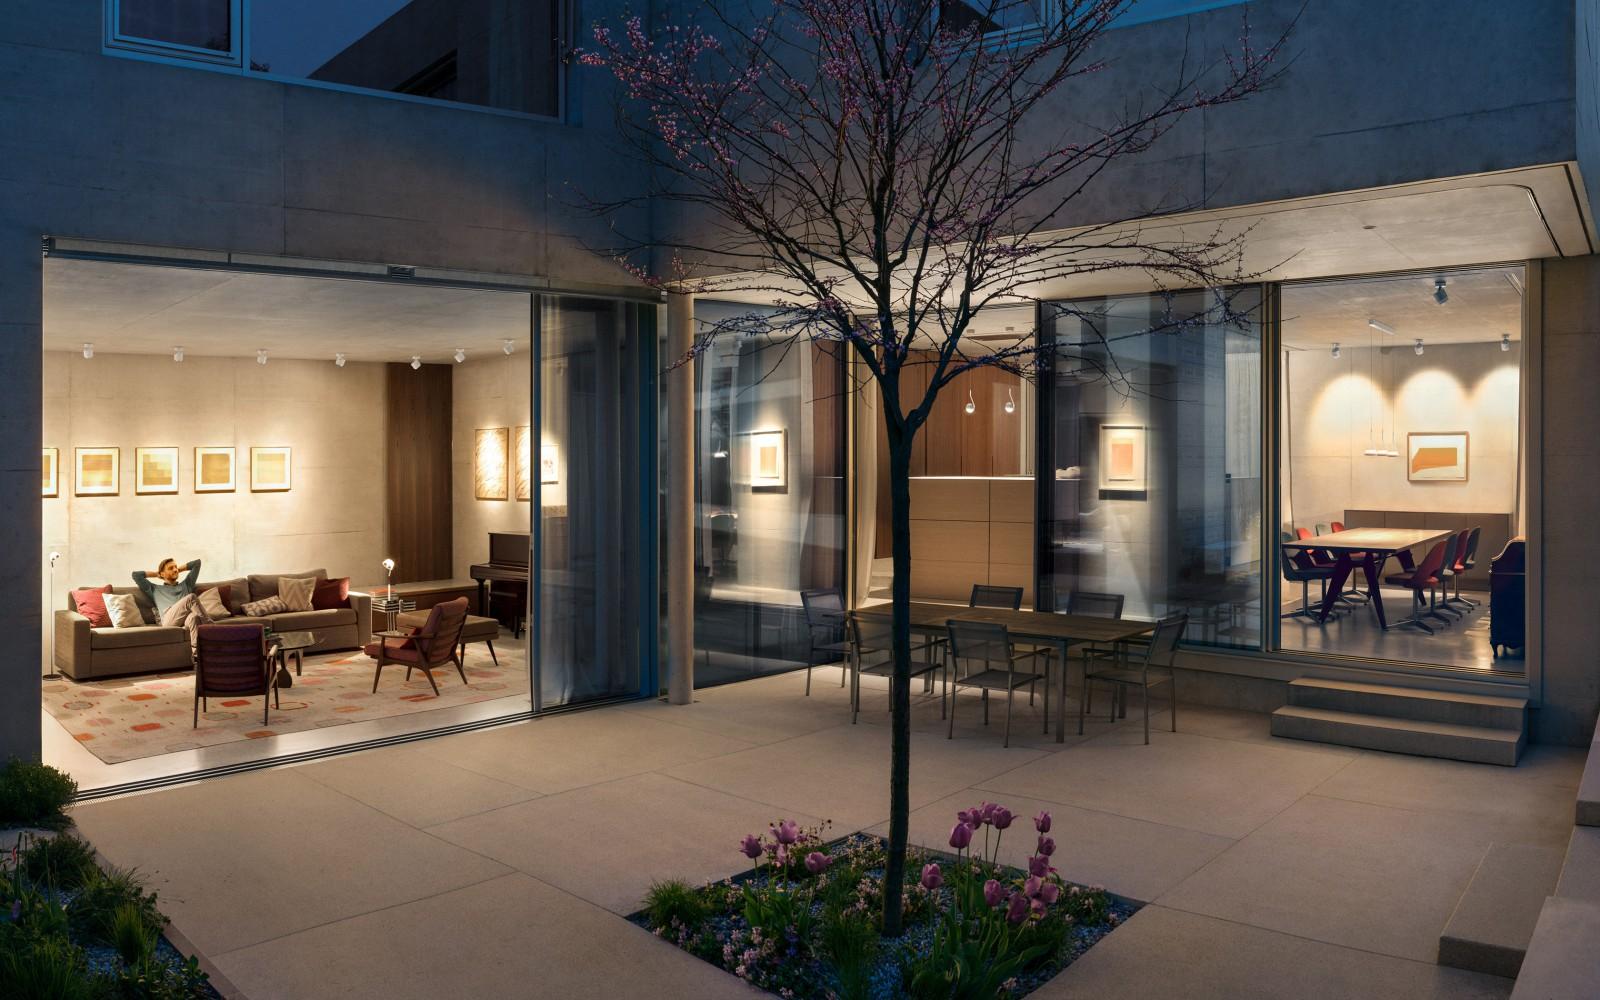 design ideen und inspiration von raumausstattung k ln. Black Bedroom Furniture Sets. Home Design Ideas